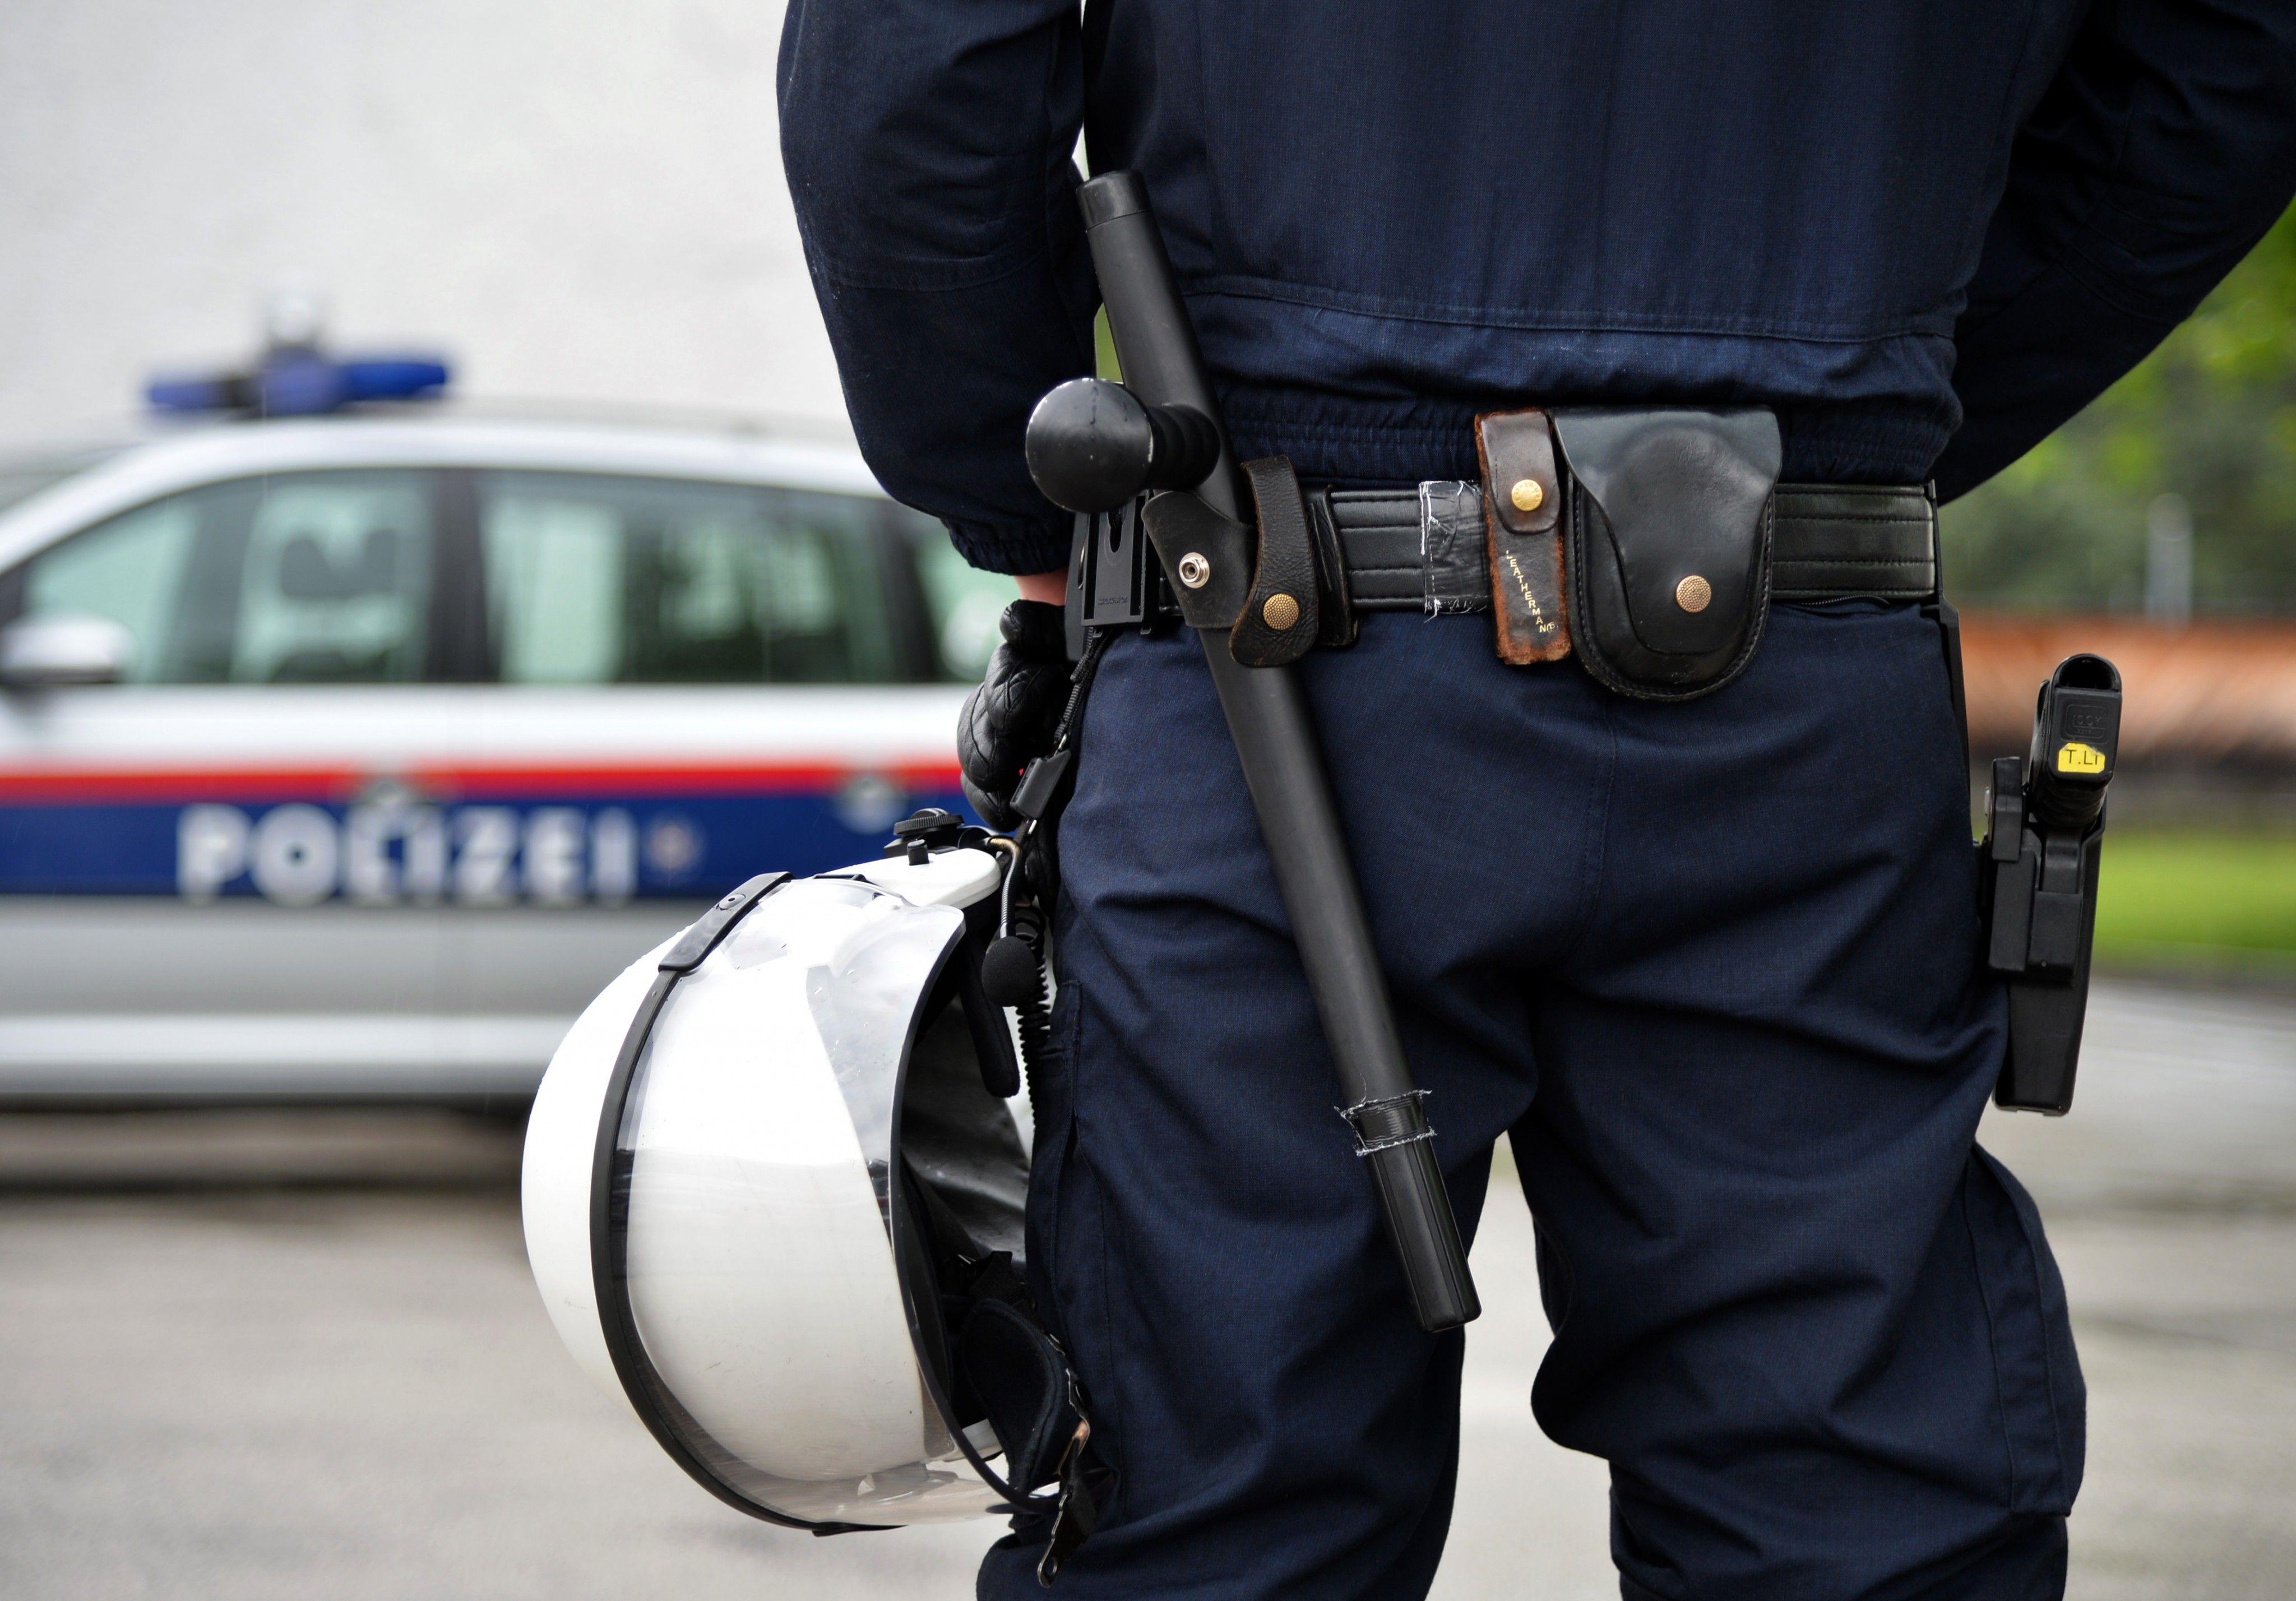 14-Jähriger wütete beim Bregenzer Molo gegen Polizeibeamte